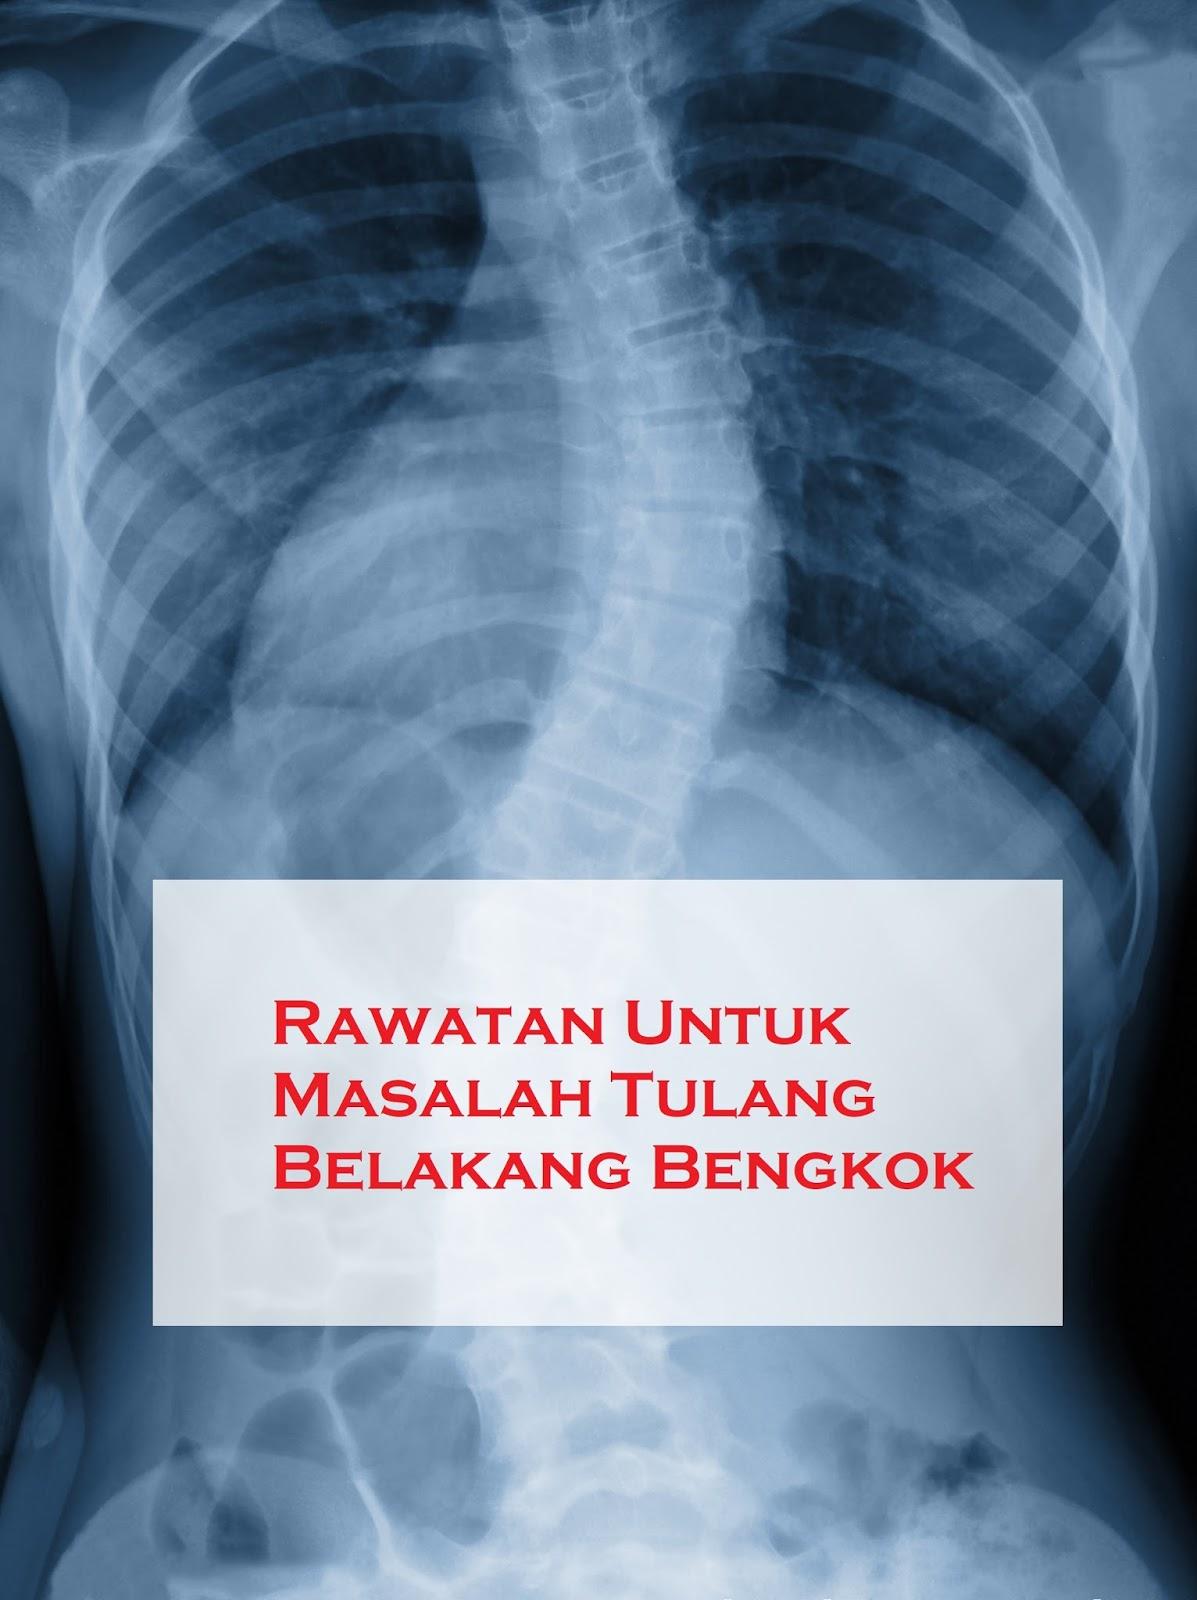 Tulang Belakang Bengkok Ke Samping : tulang, belakang, bengkok, samping, Rawatan, Untuk, Masalah, Tulang, Belakang, Bengkok, Sihat, Nikmat